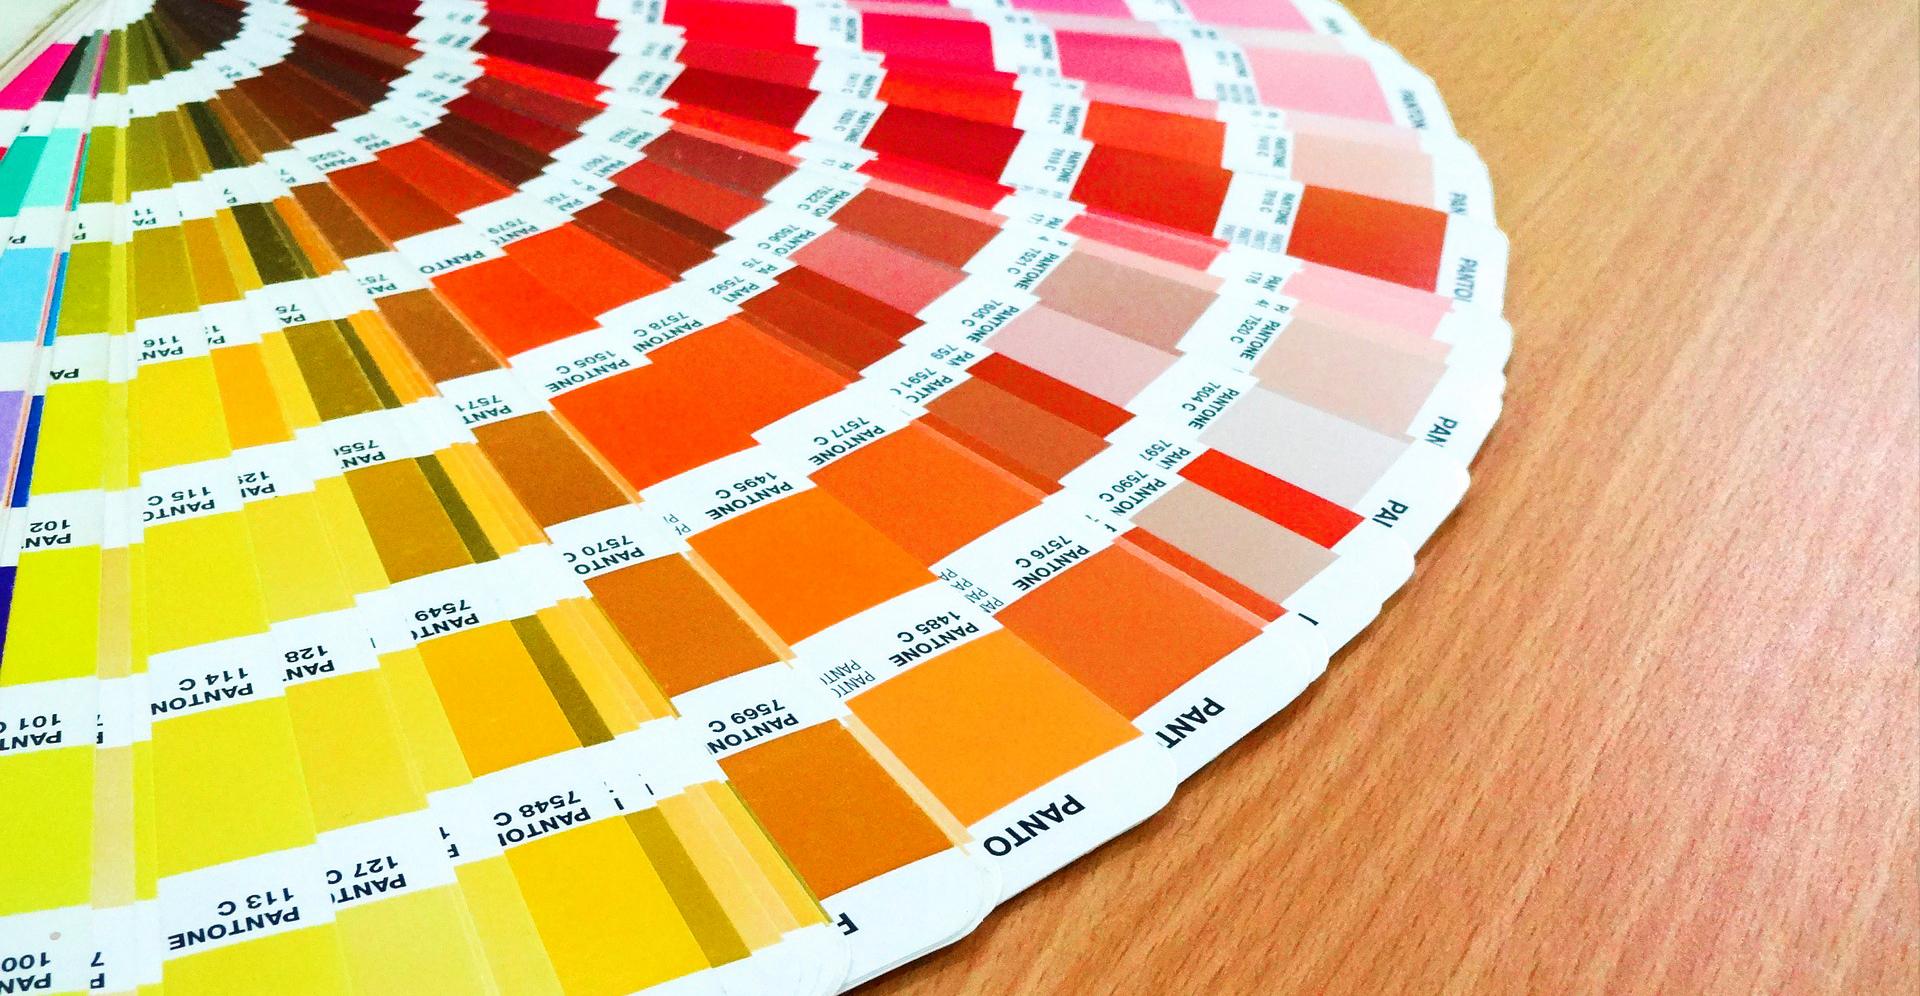 Psicologia del colore: Scegliamo i colori giusti per un sito internet